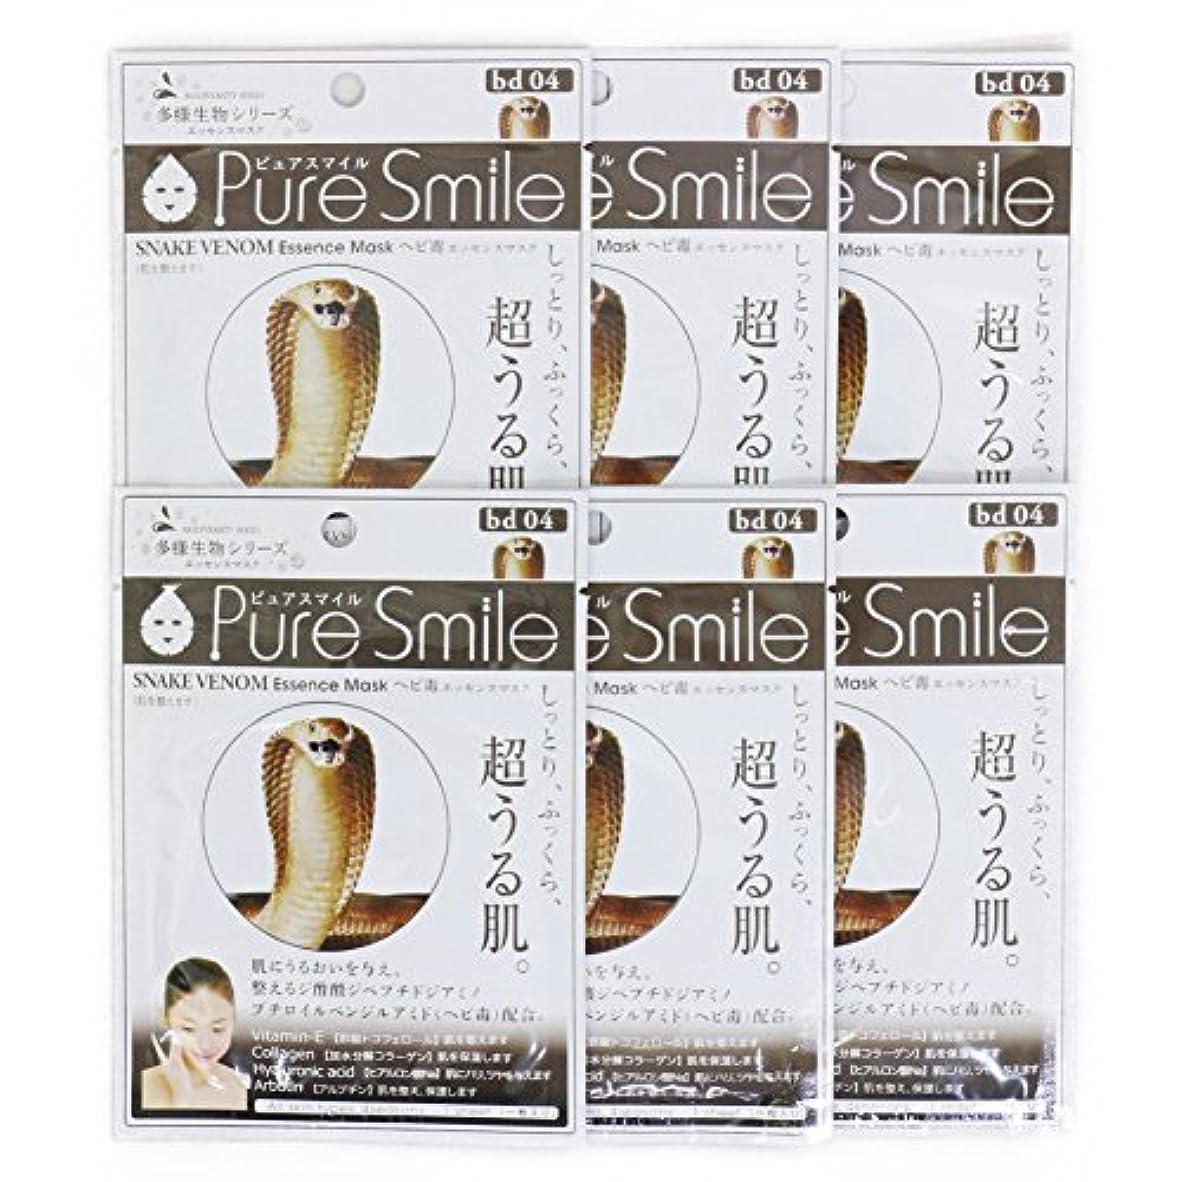 前進王朝マザーランドPure Smile ピュアスマイル 多様生物エッセンスマスク ヘビ毒 6枚セット